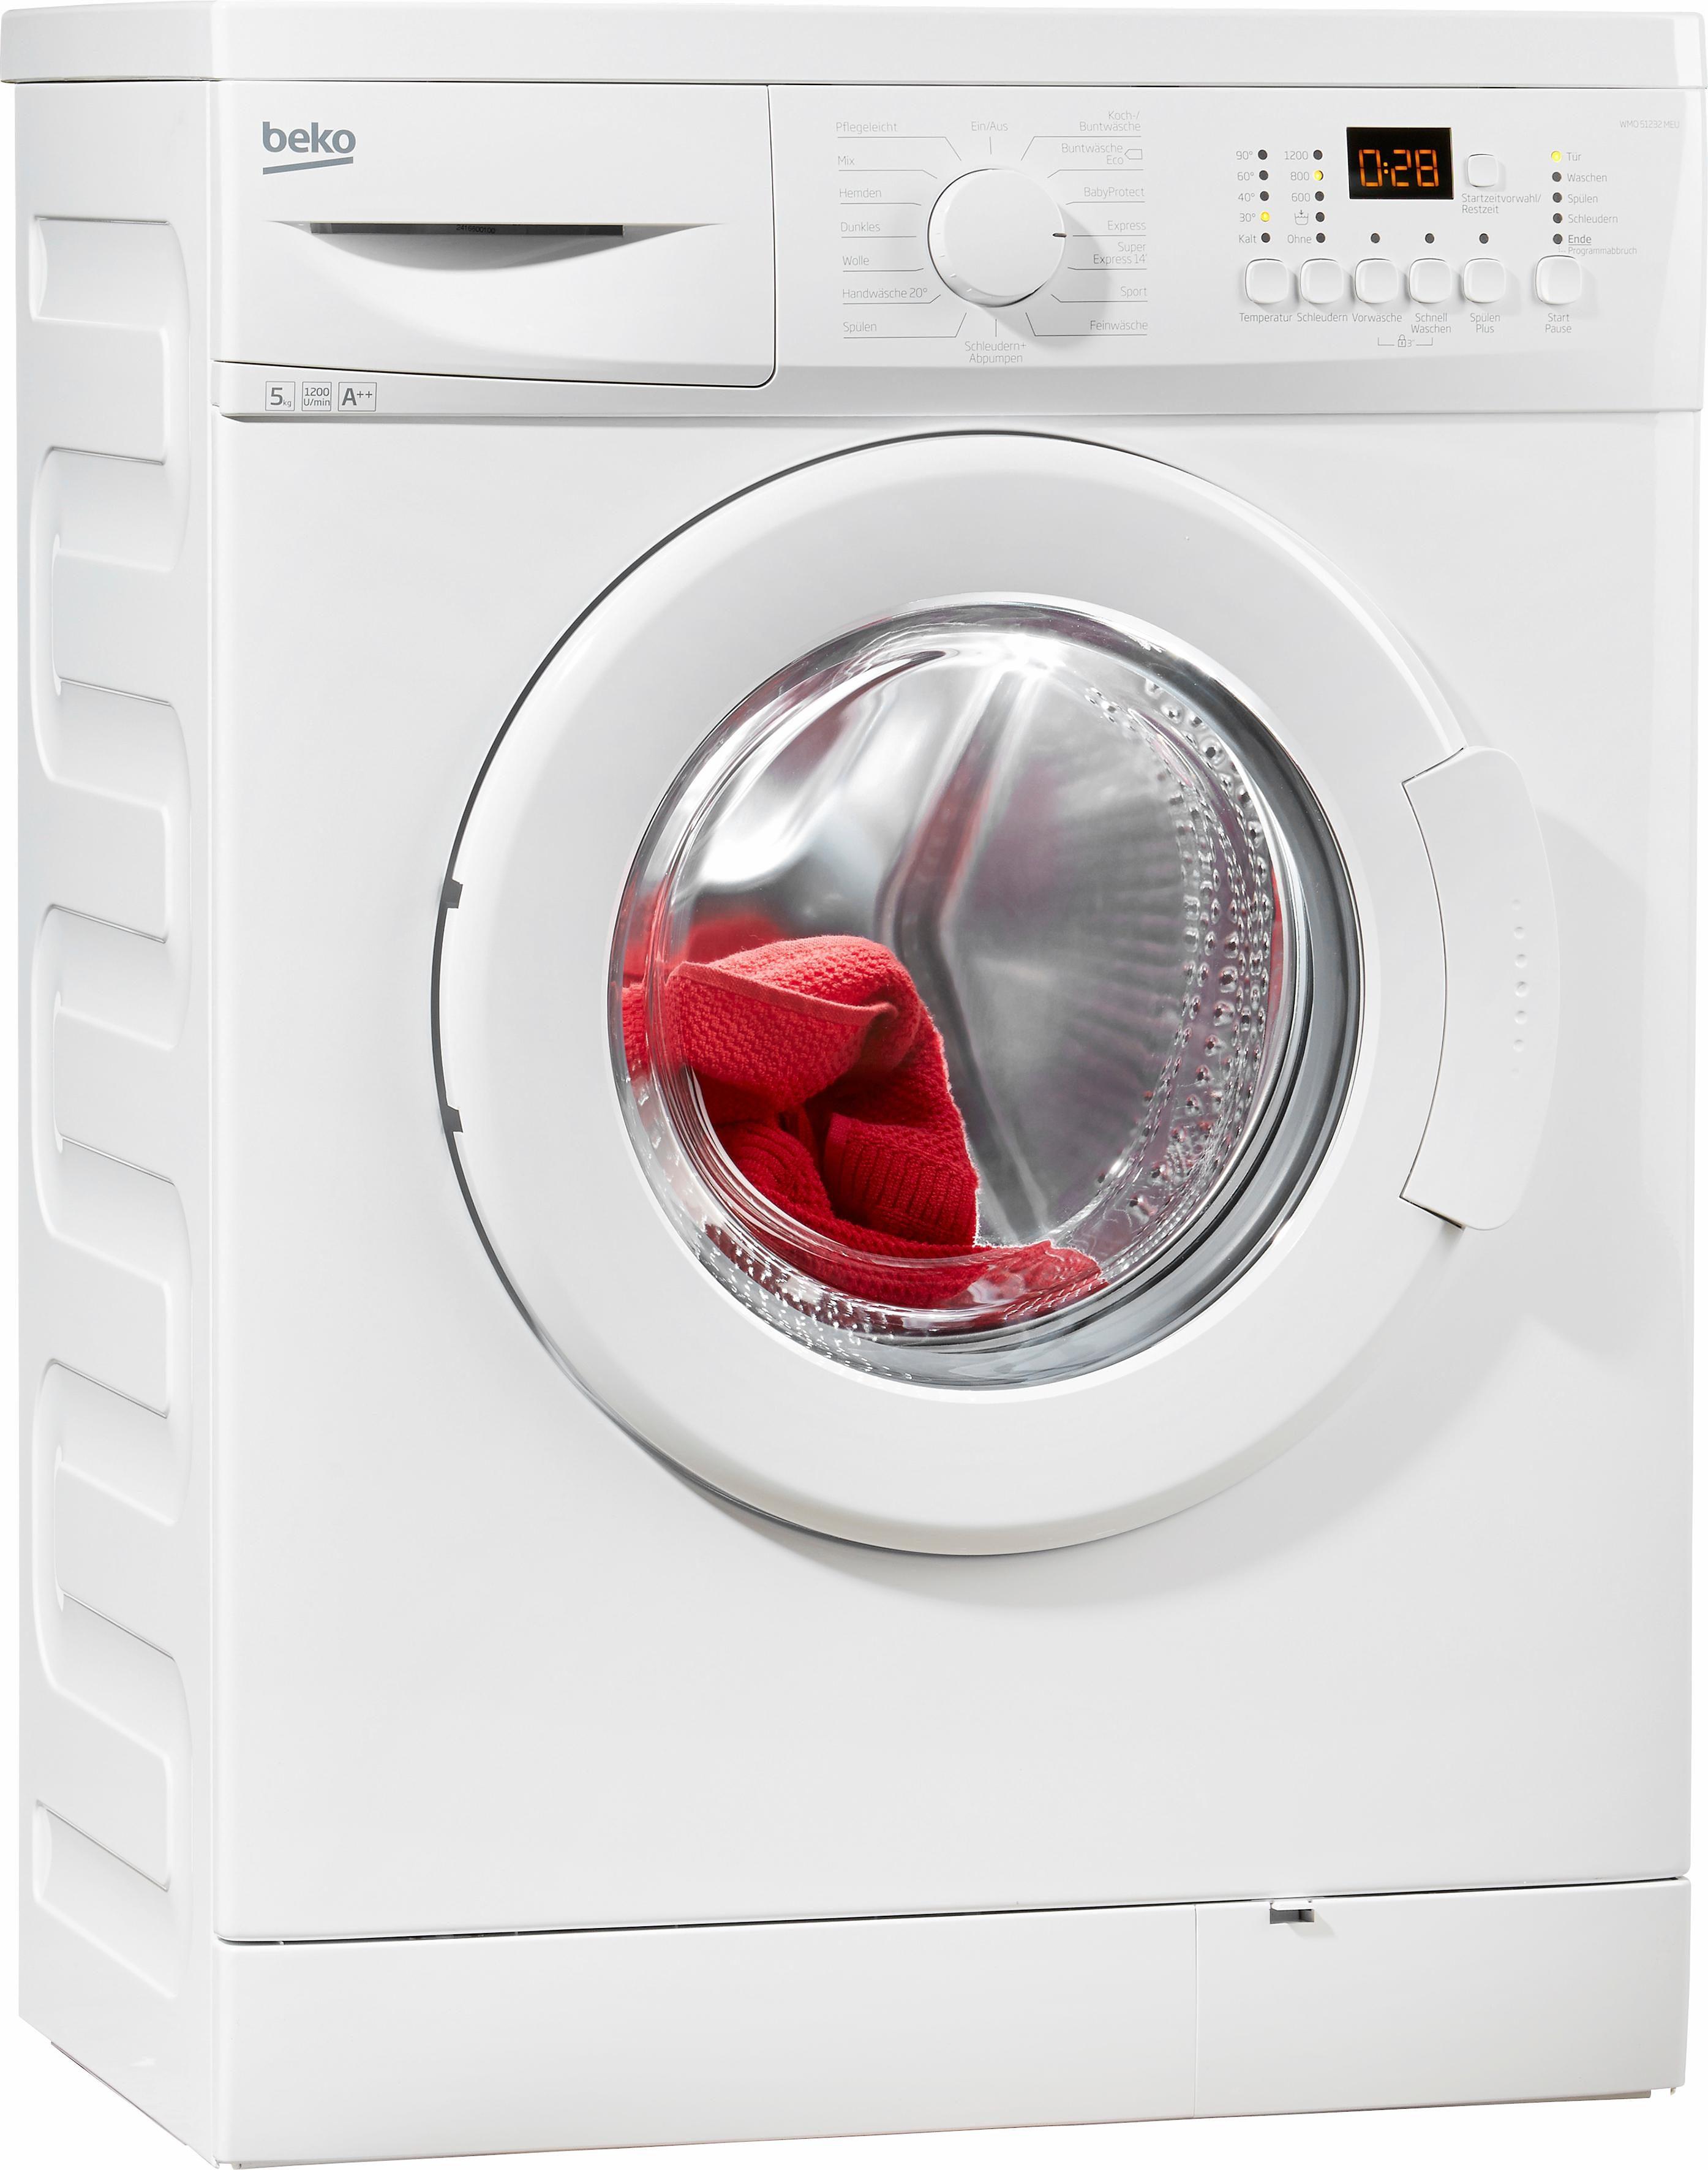 BEKO Waschmaschine WMO 51232, 5 kg, 1200 U/Min